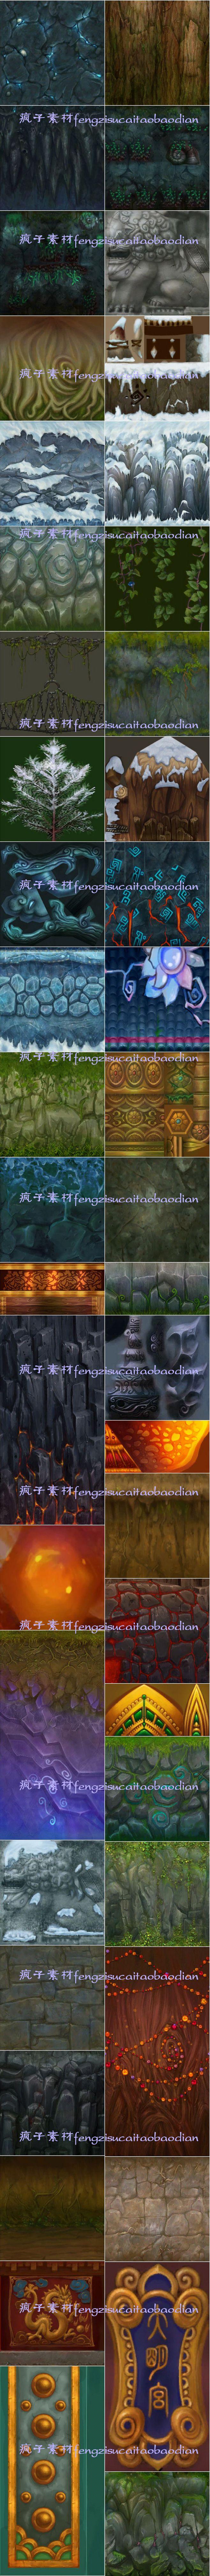 游戏美术资源手绘Q版卡通风格3D场景山石...